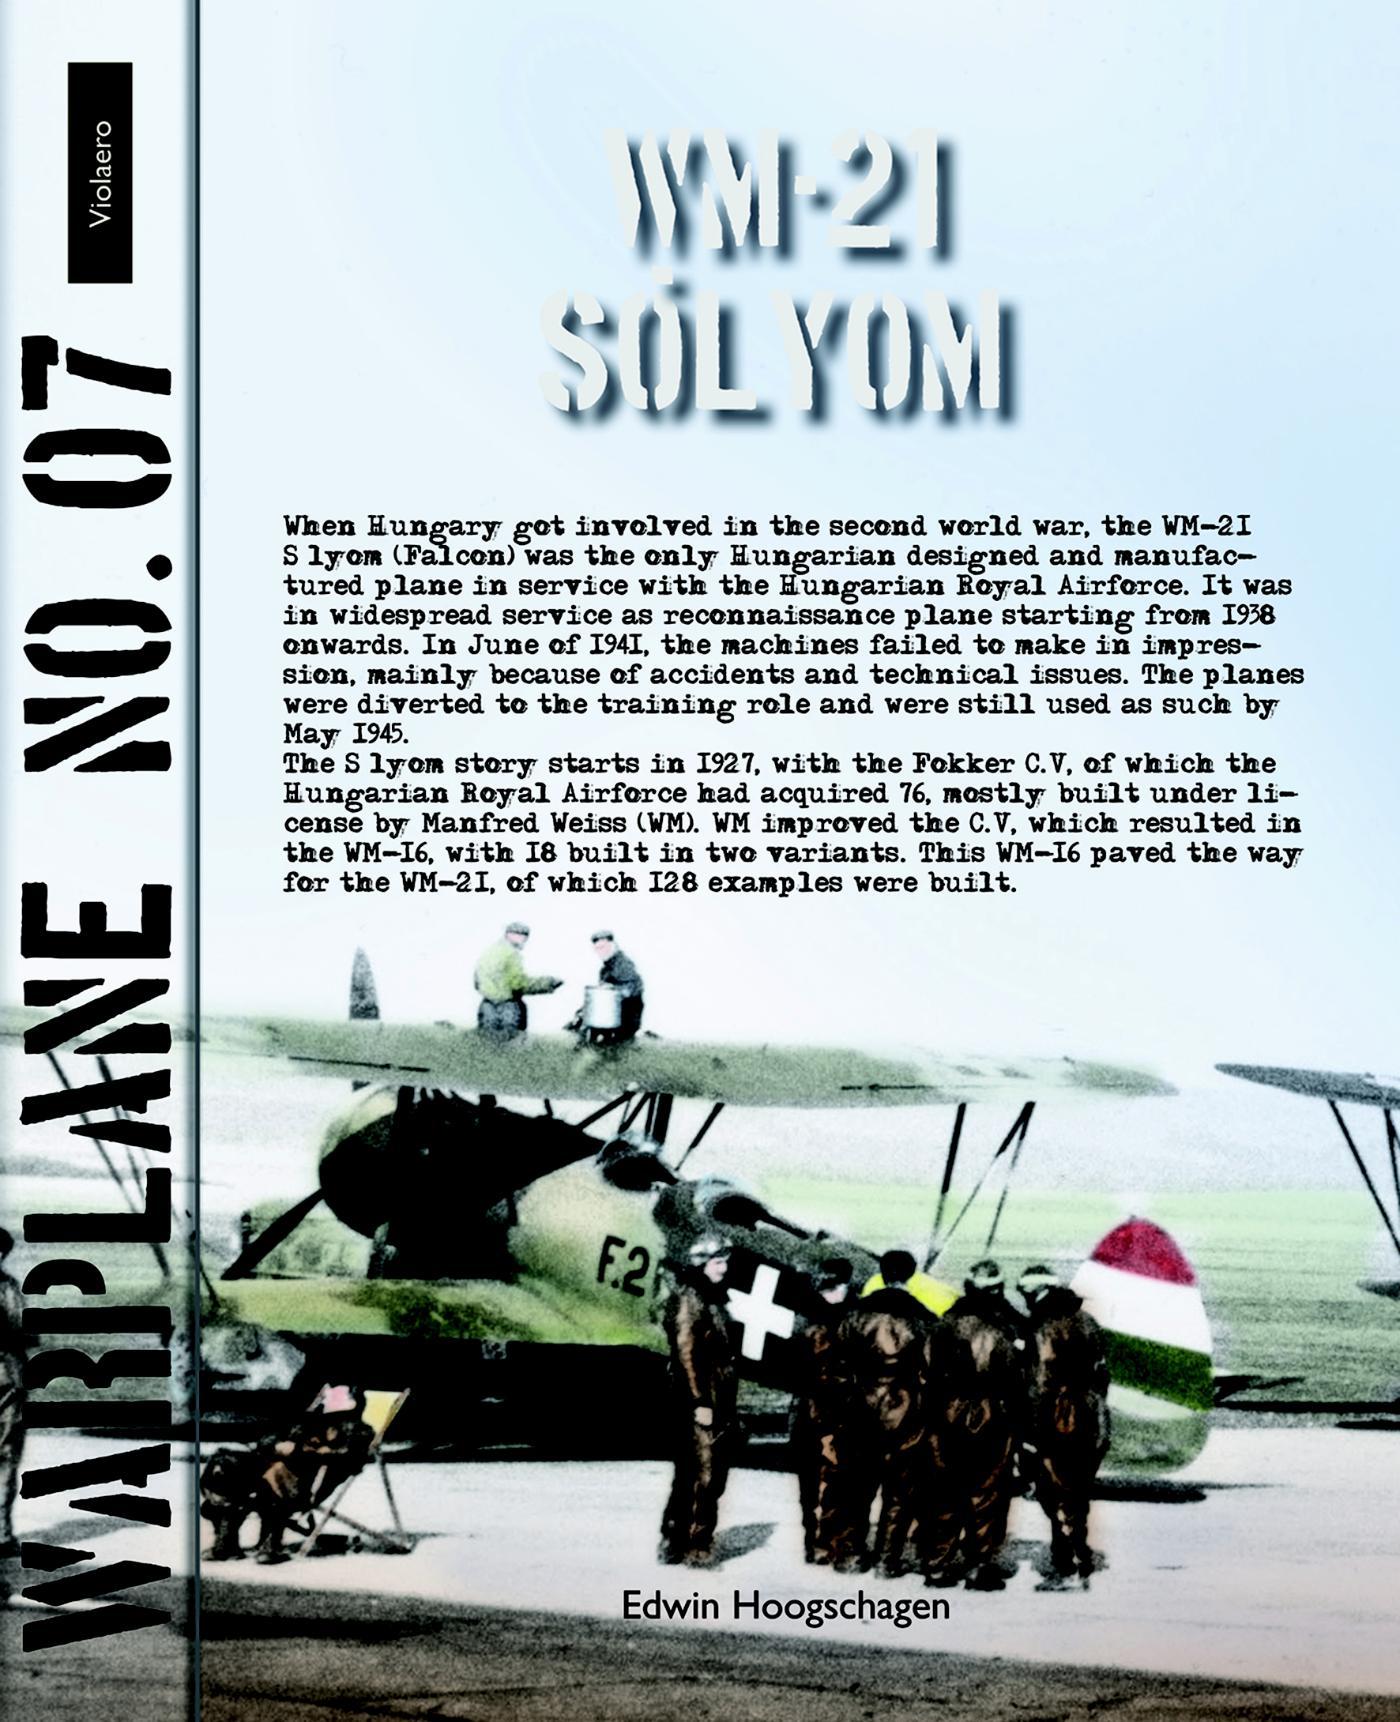 Warplane 7: Weiss WM-21 Sólyom